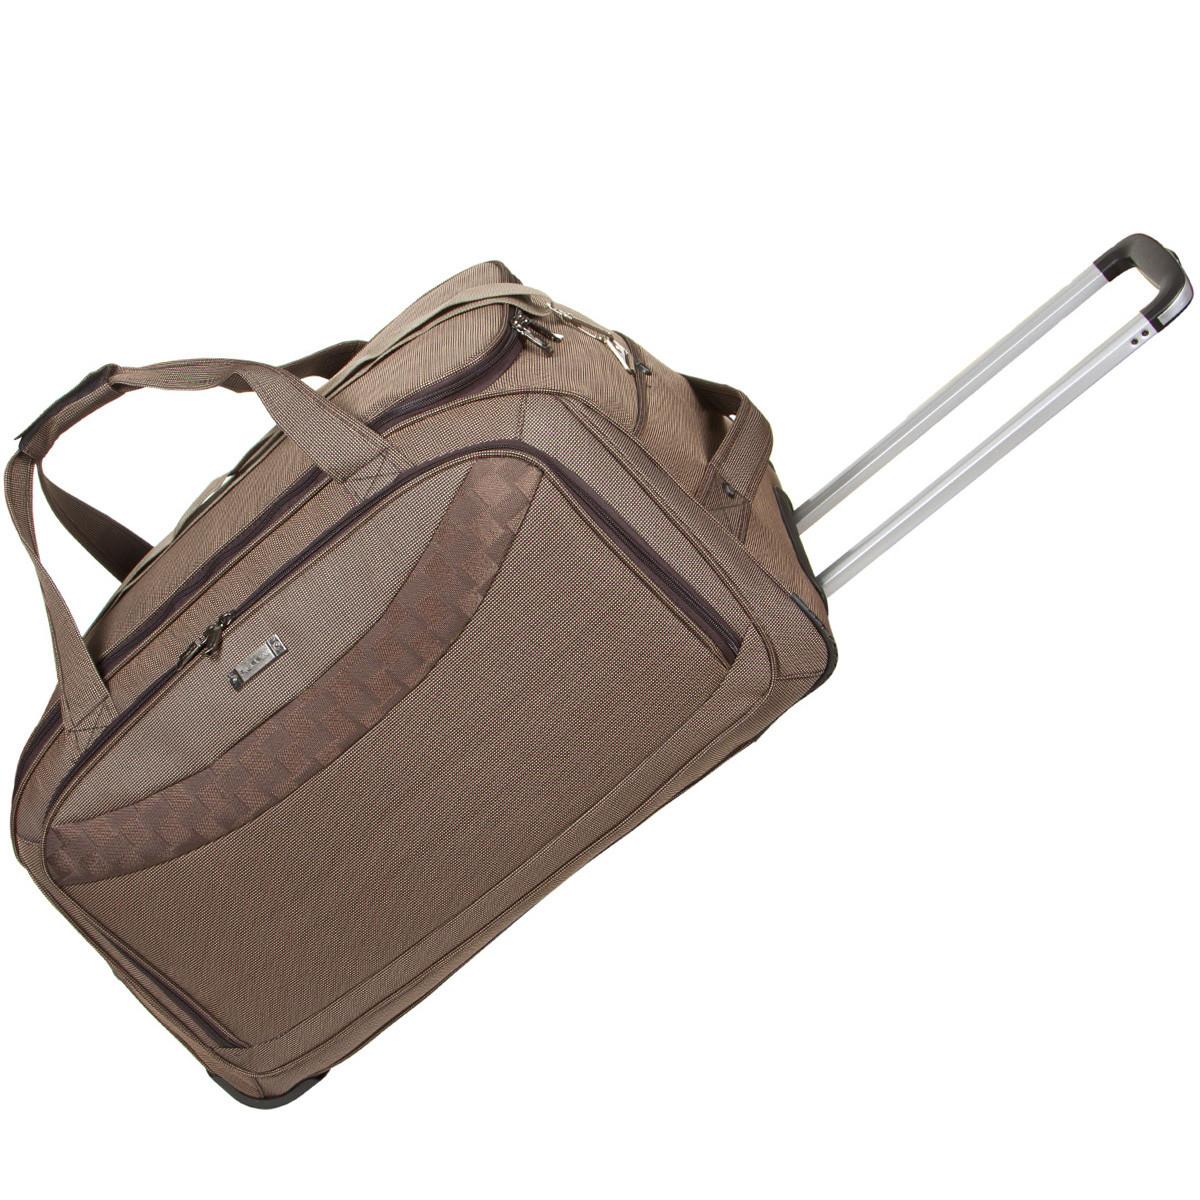 Дорожная сумка FILIPPINI большая 68х38х40 три колеса выдвижная ручка формованная коричневая  ксТ0046-1корб